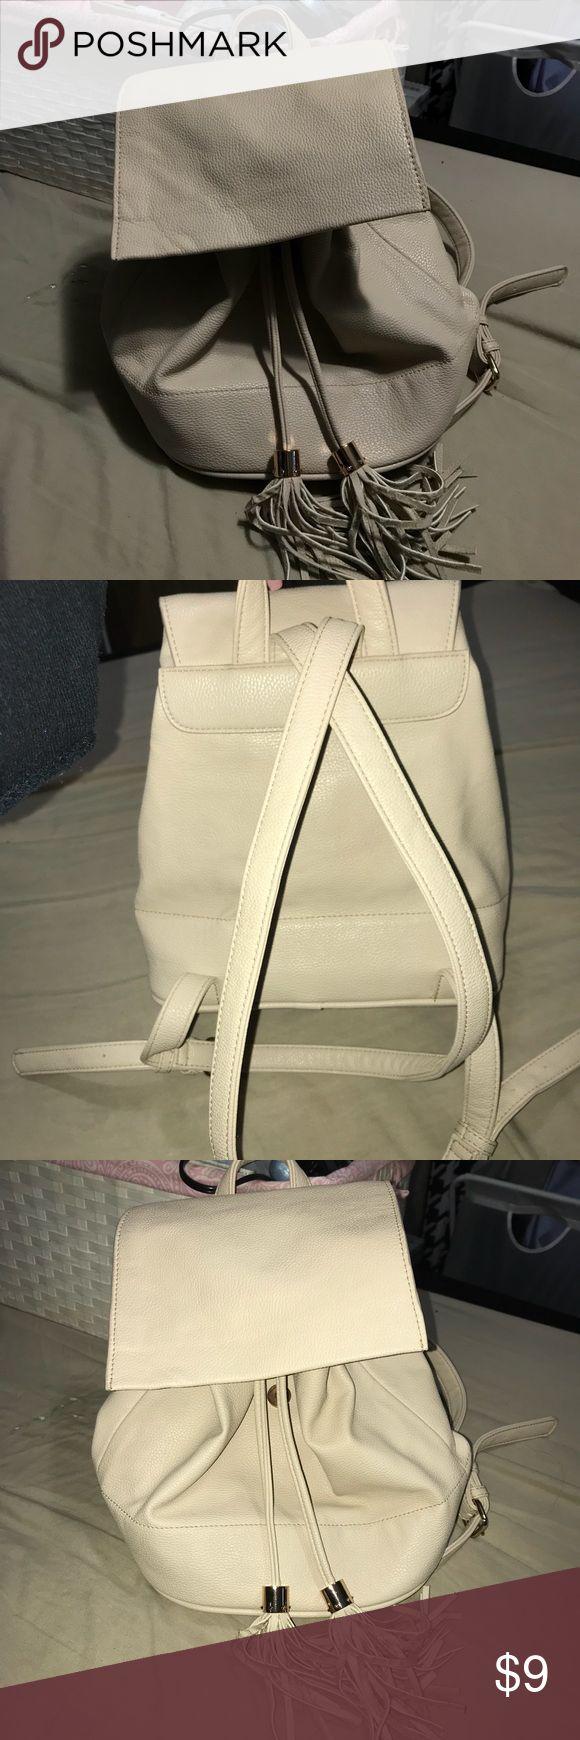 Forever21 beige backpack Beige backpack with gold hardware on the tassels  Adjustable shoulder strap's Faux leather   💛💛💛 BUNDLE & SAVE ✨✨✨✨ Forever 21 Bags Backpacks